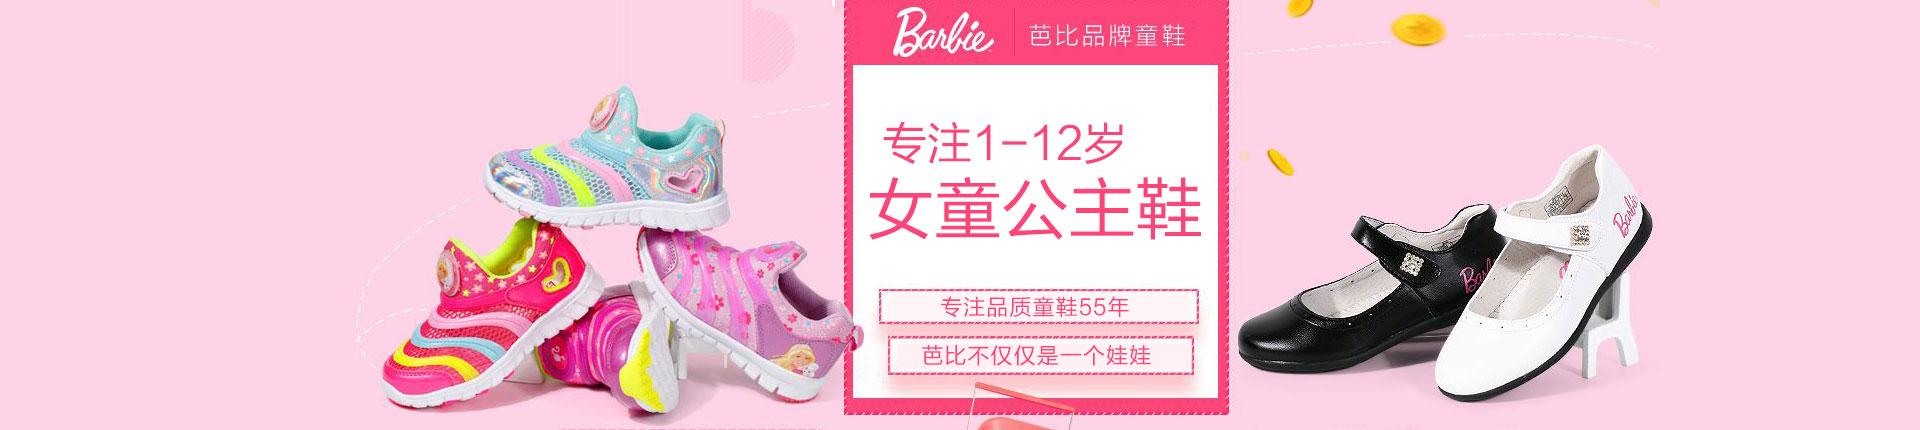 芭比官方网站